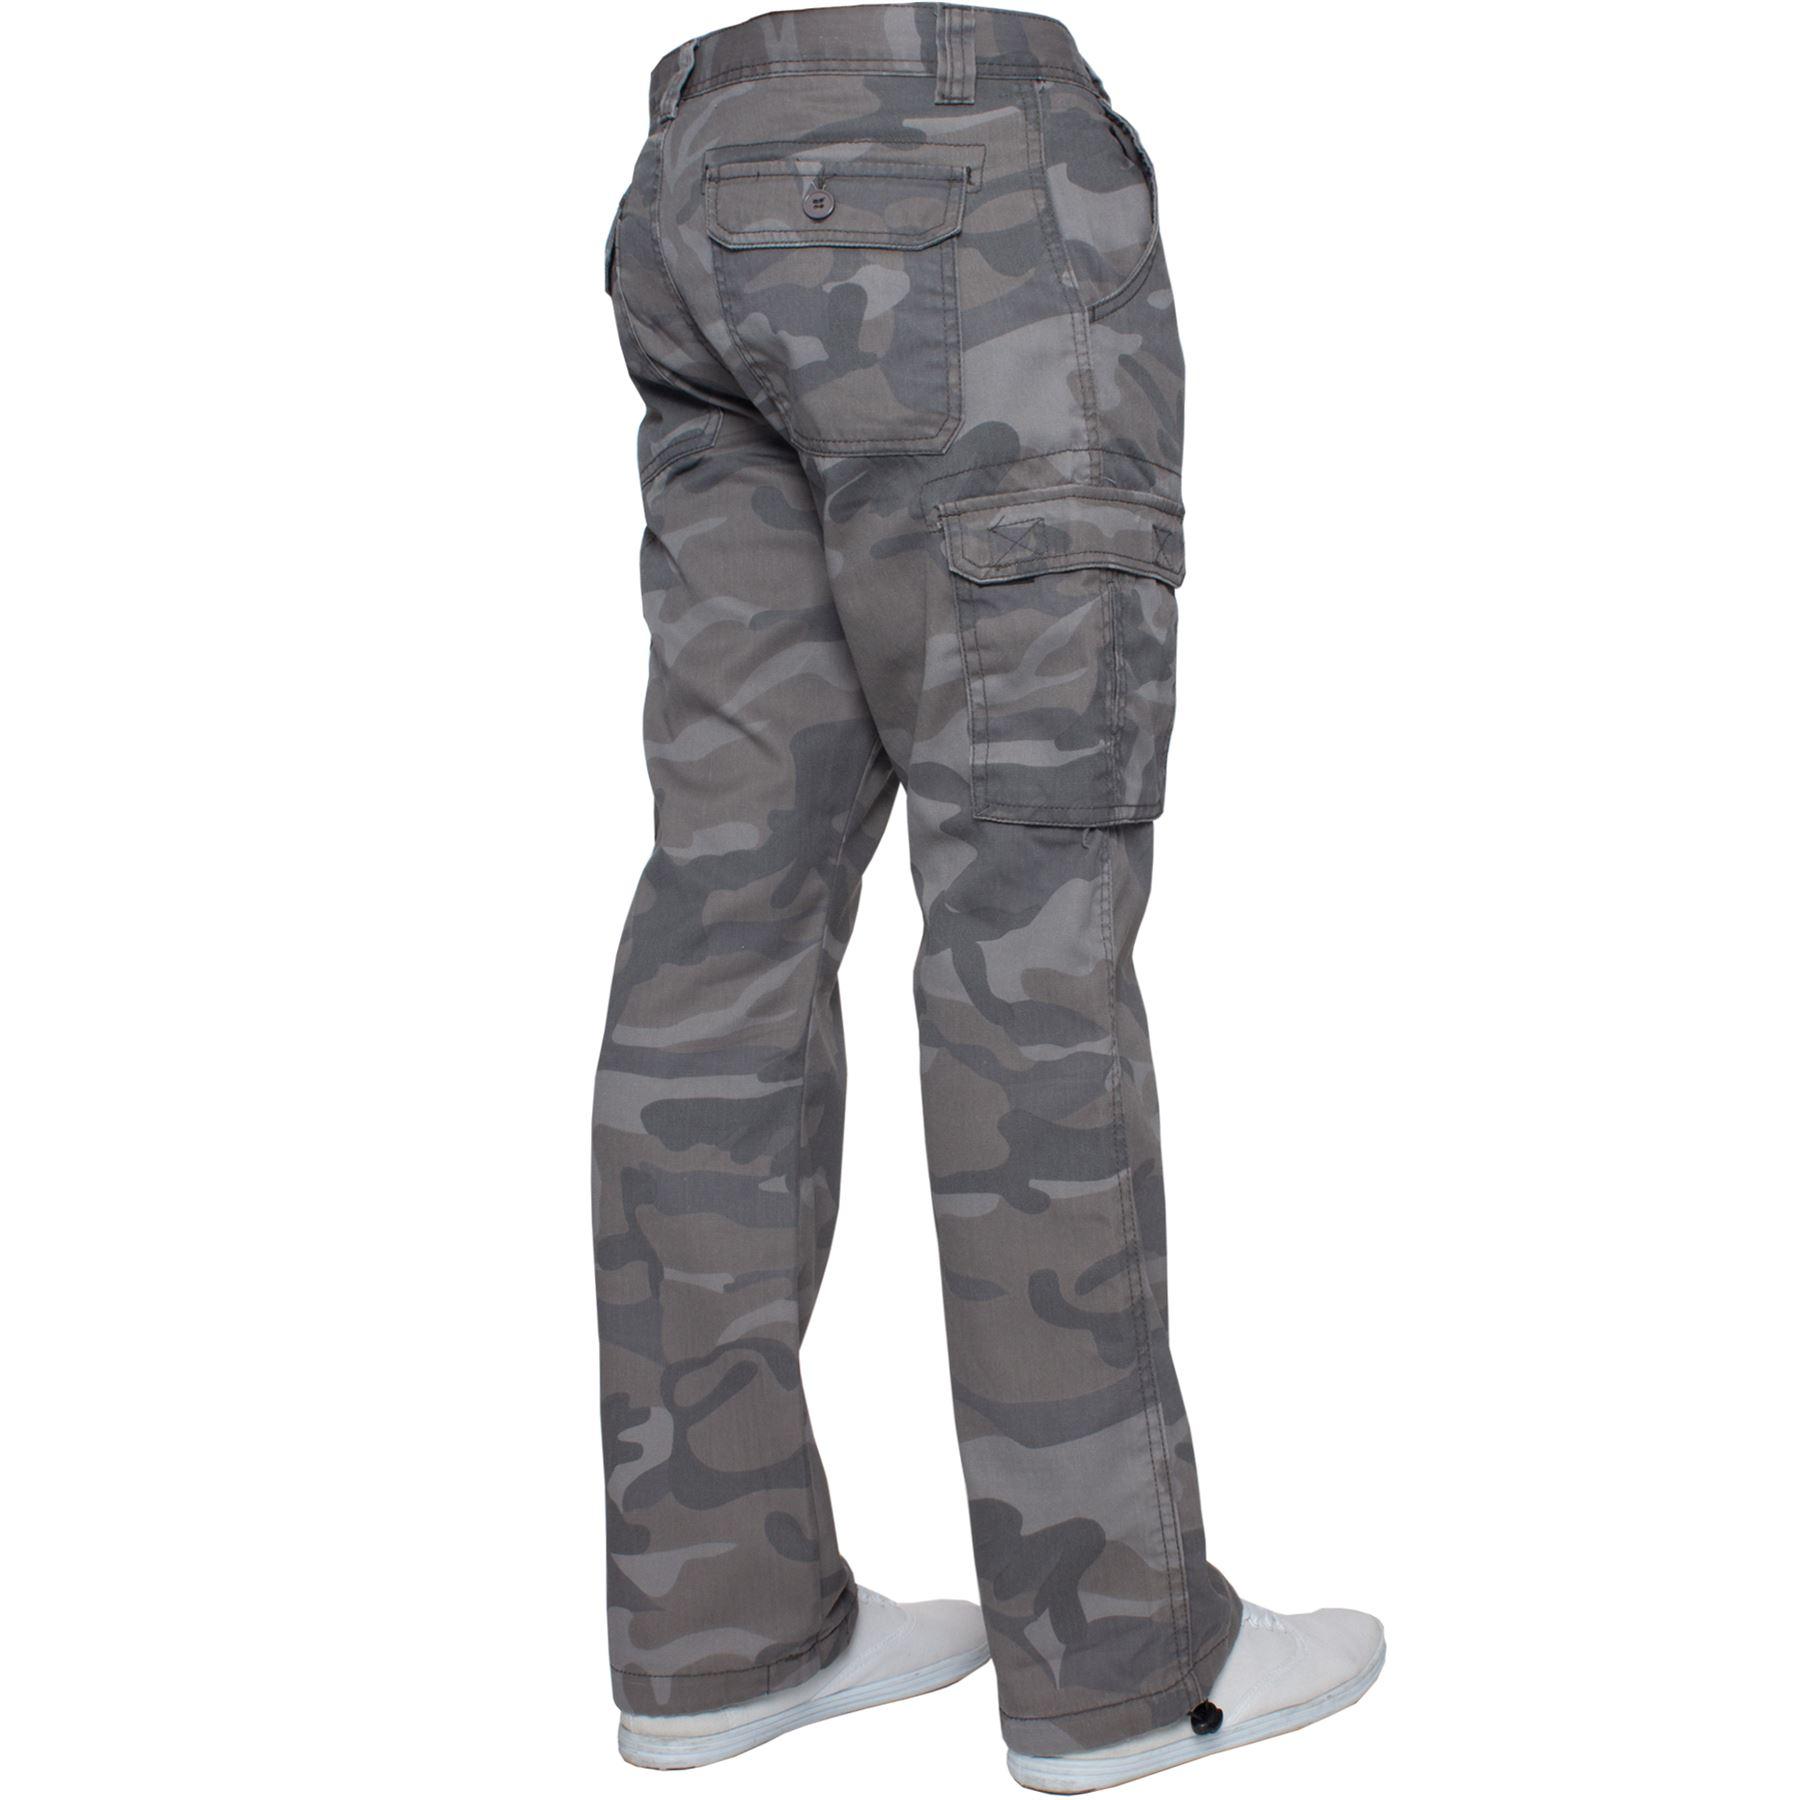 Kruze-Uomo-Militare-Pantaloni-Camouflage-Cargo-Mimetico-Casual-Lavoro miniatura 10